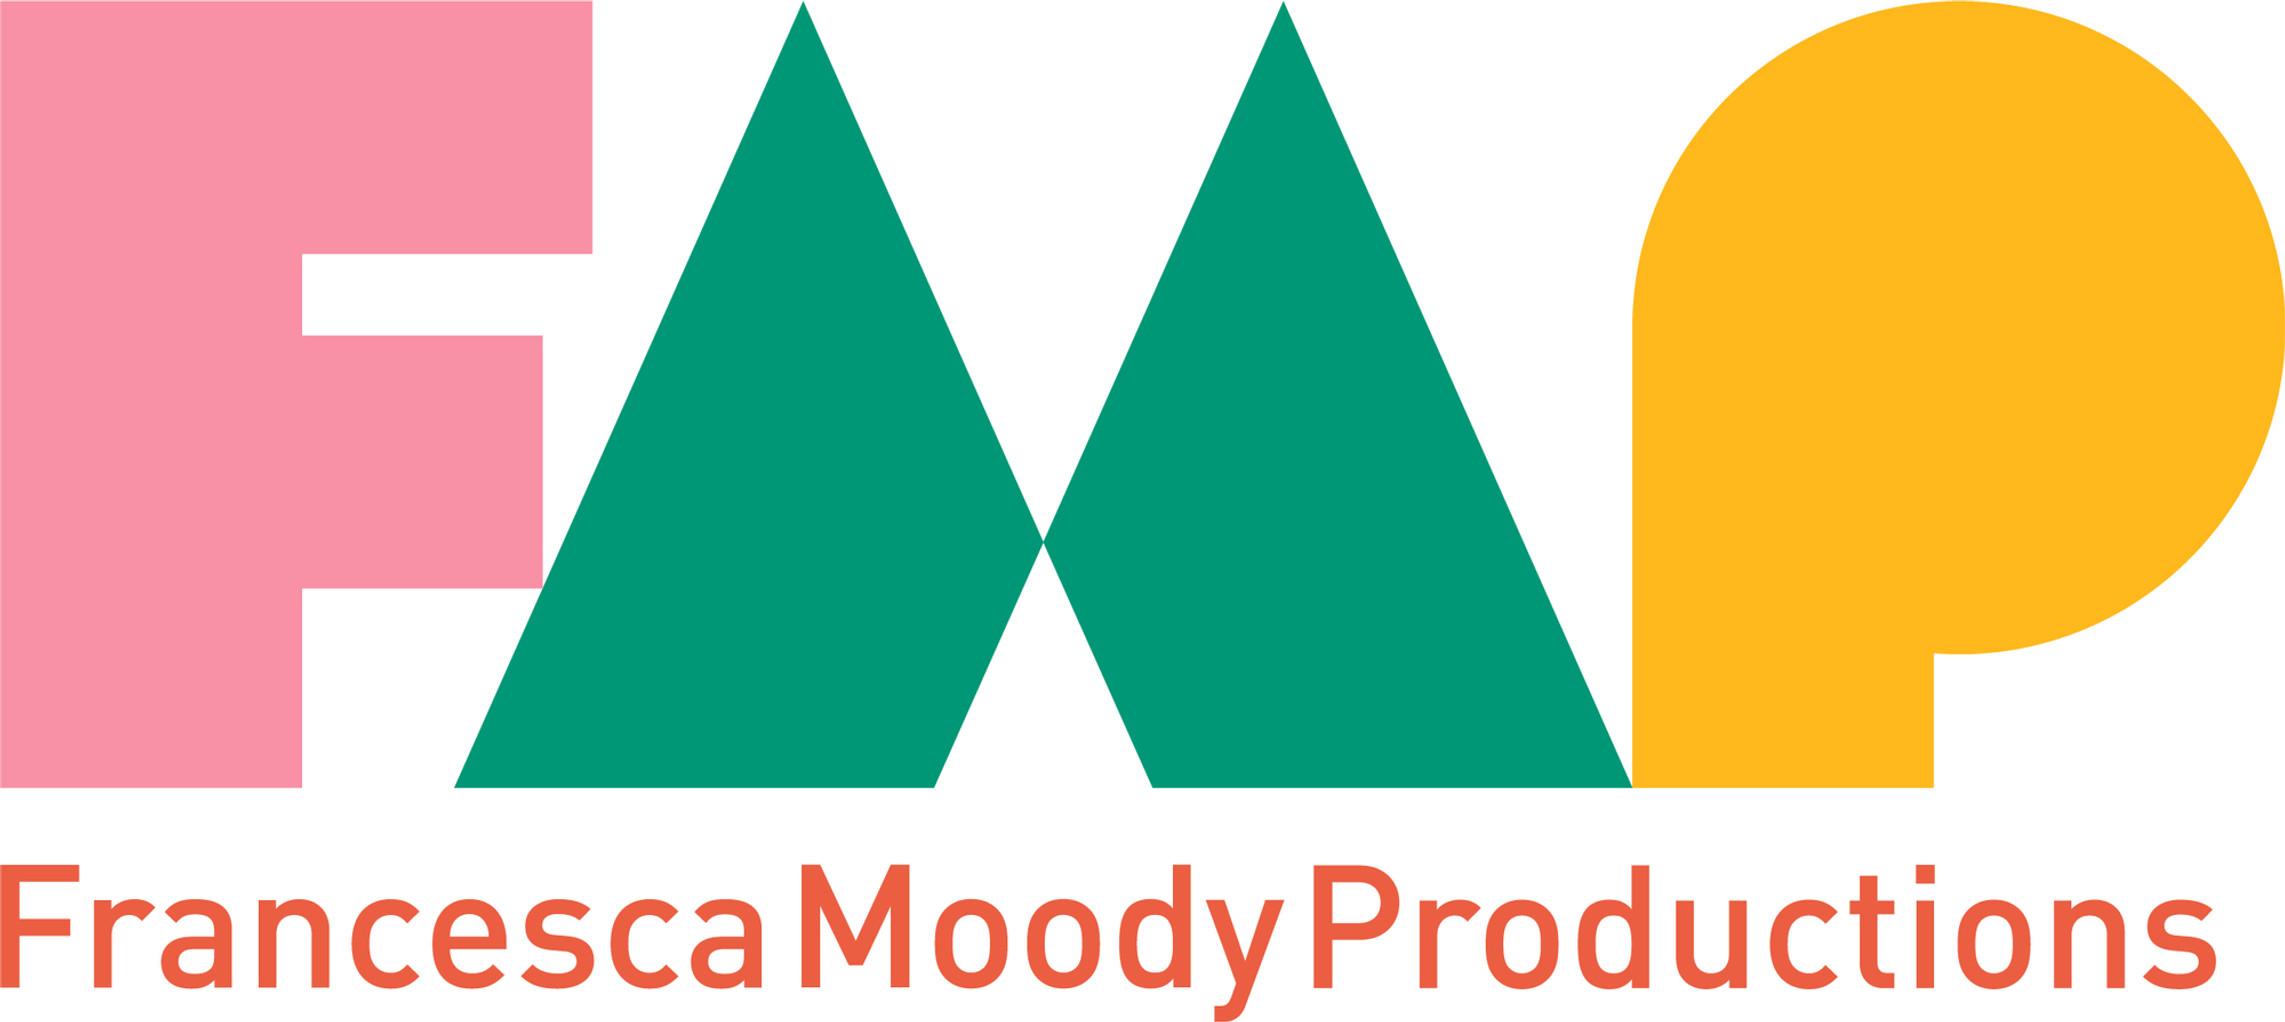 Francesca Moody Productions